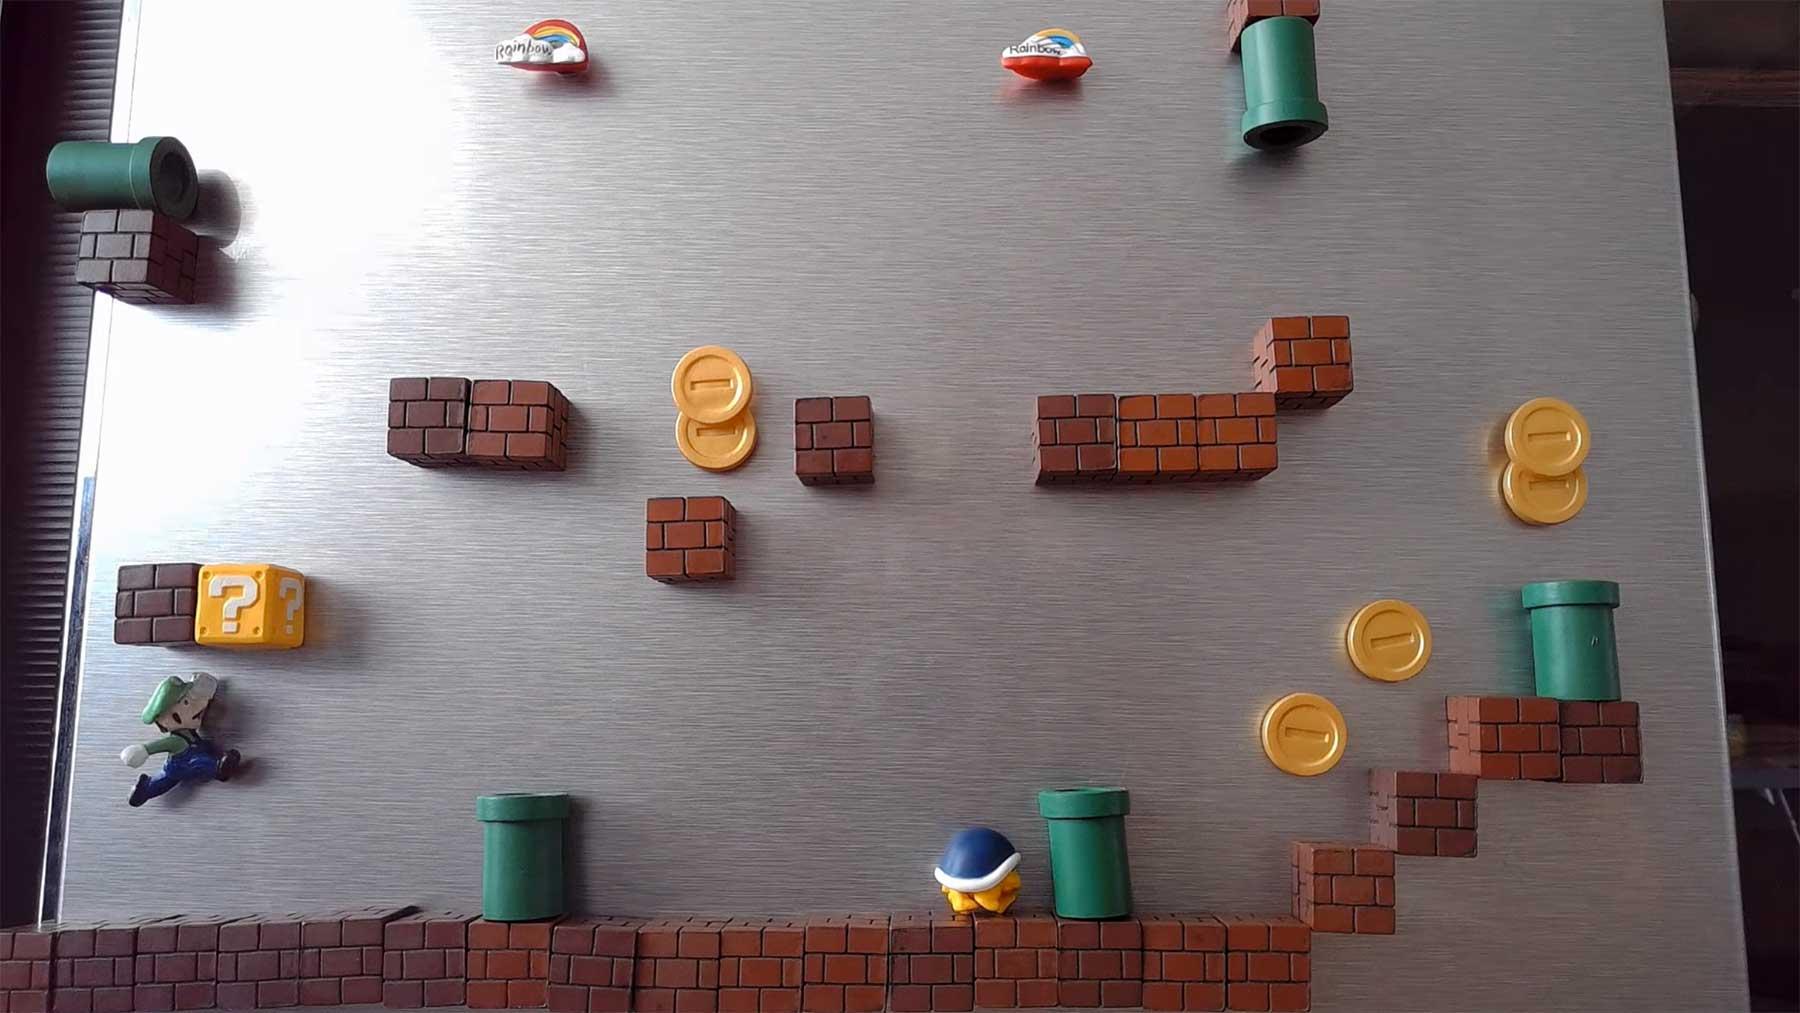 Super-Mario-Stopmotion mit Kühlschrank-Magneten Super-Mario-kuehlschrank-magnet-stopmotion